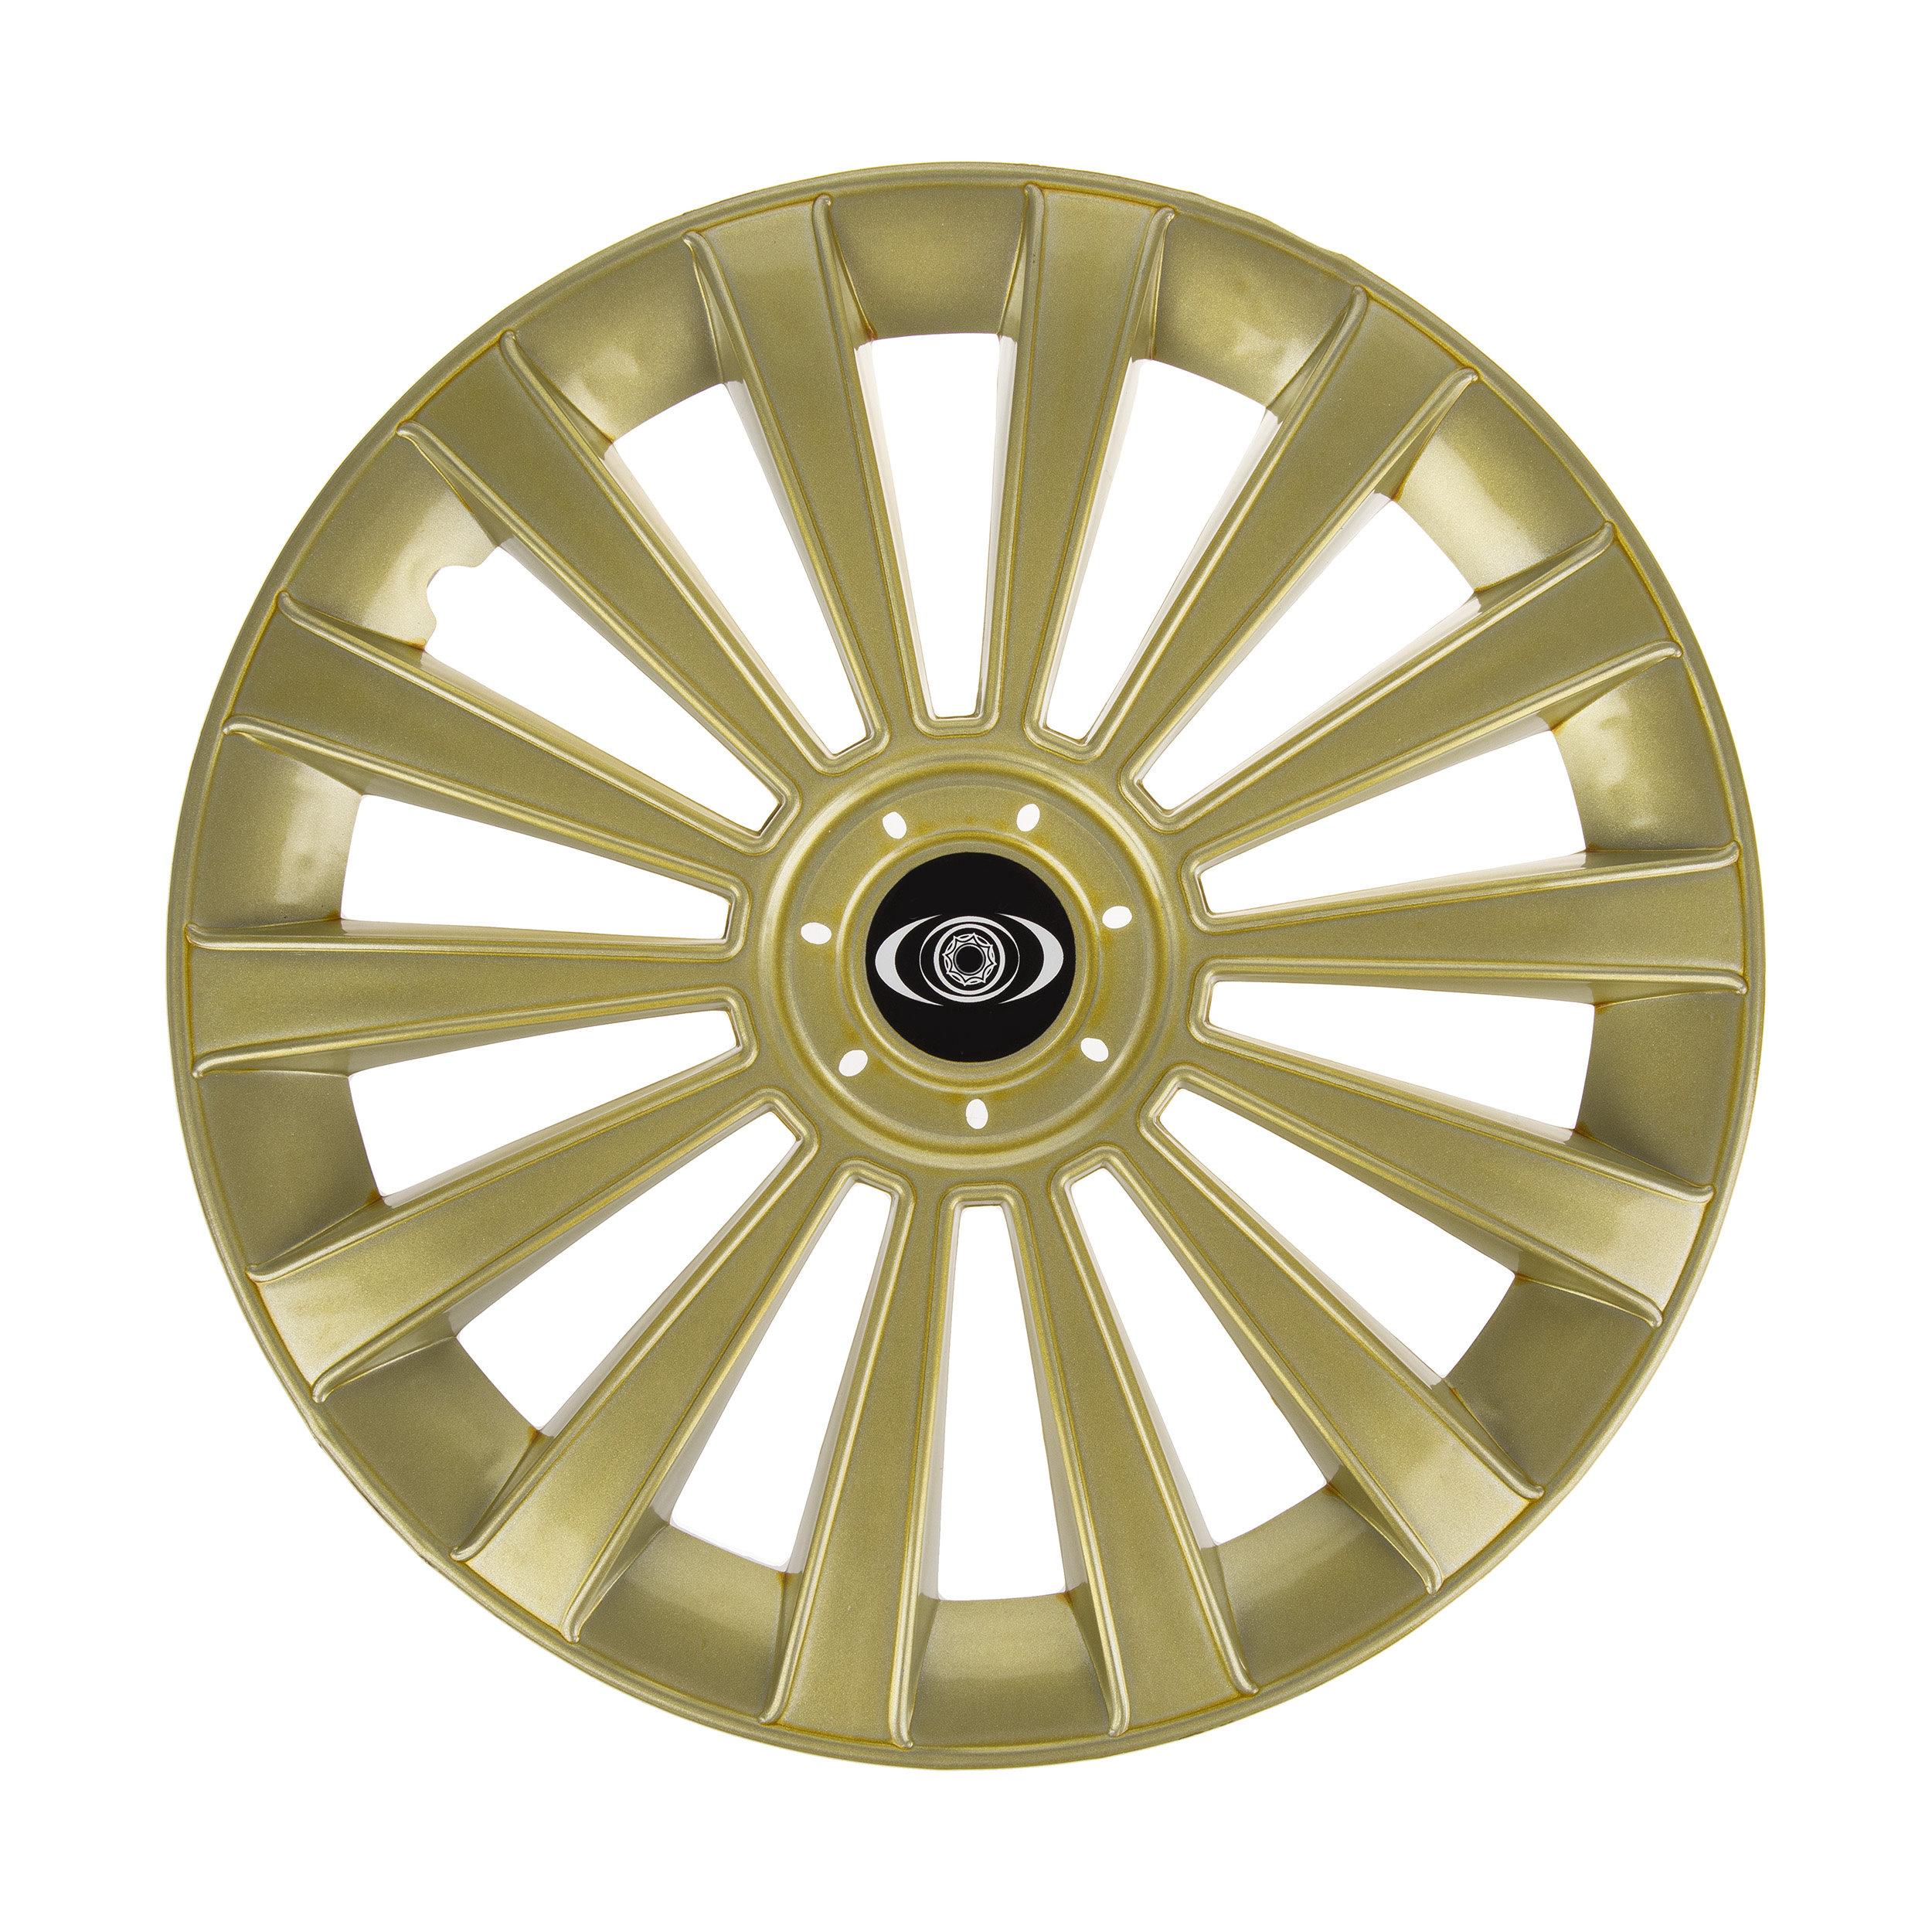 قالپاق چرخ ام اچ بی مدل SPN04 سایز 13 اینچ مناسب برای پراید